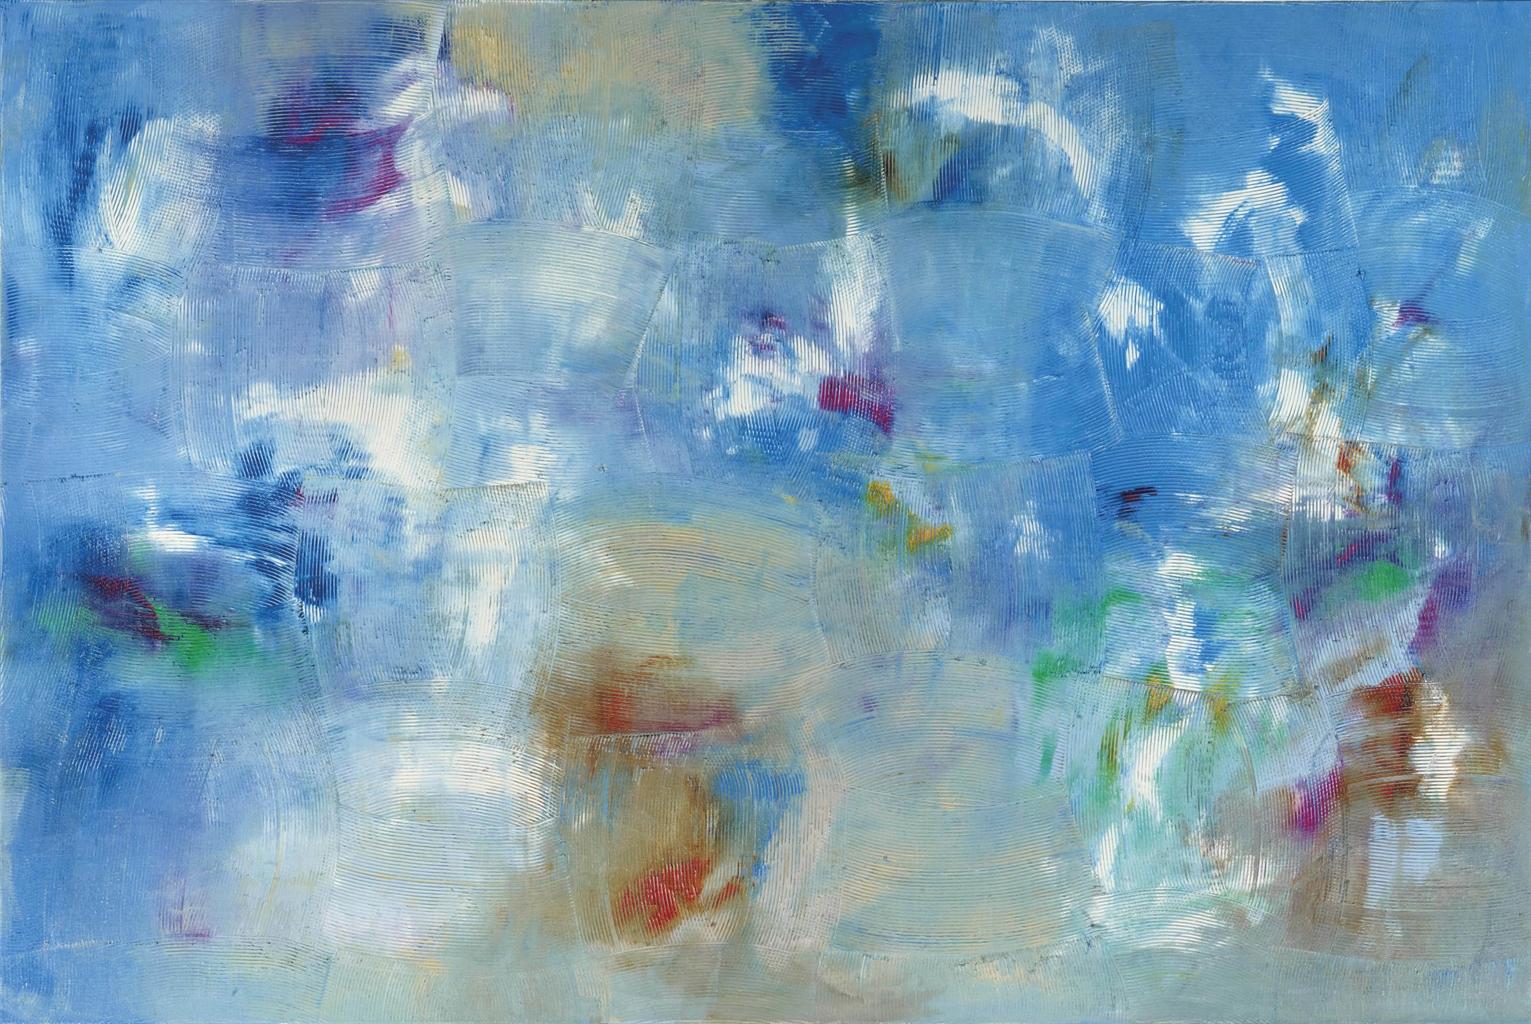 Dan Rees-Artex Painting-2013